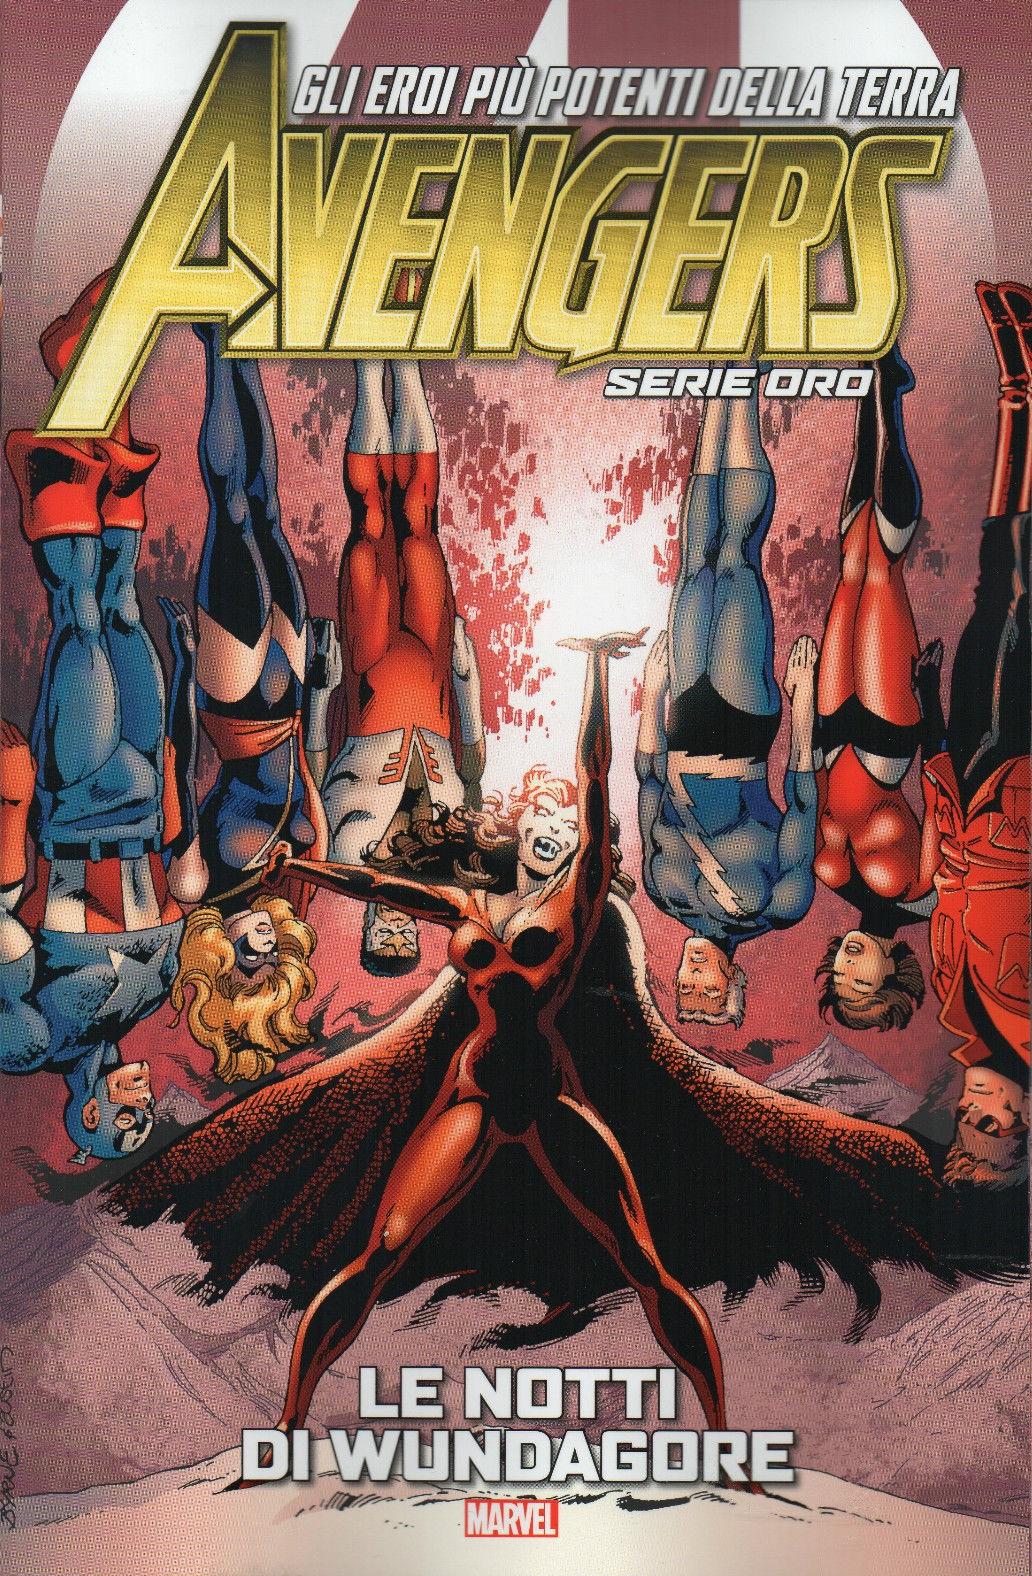 Avengers - Serie Oro...